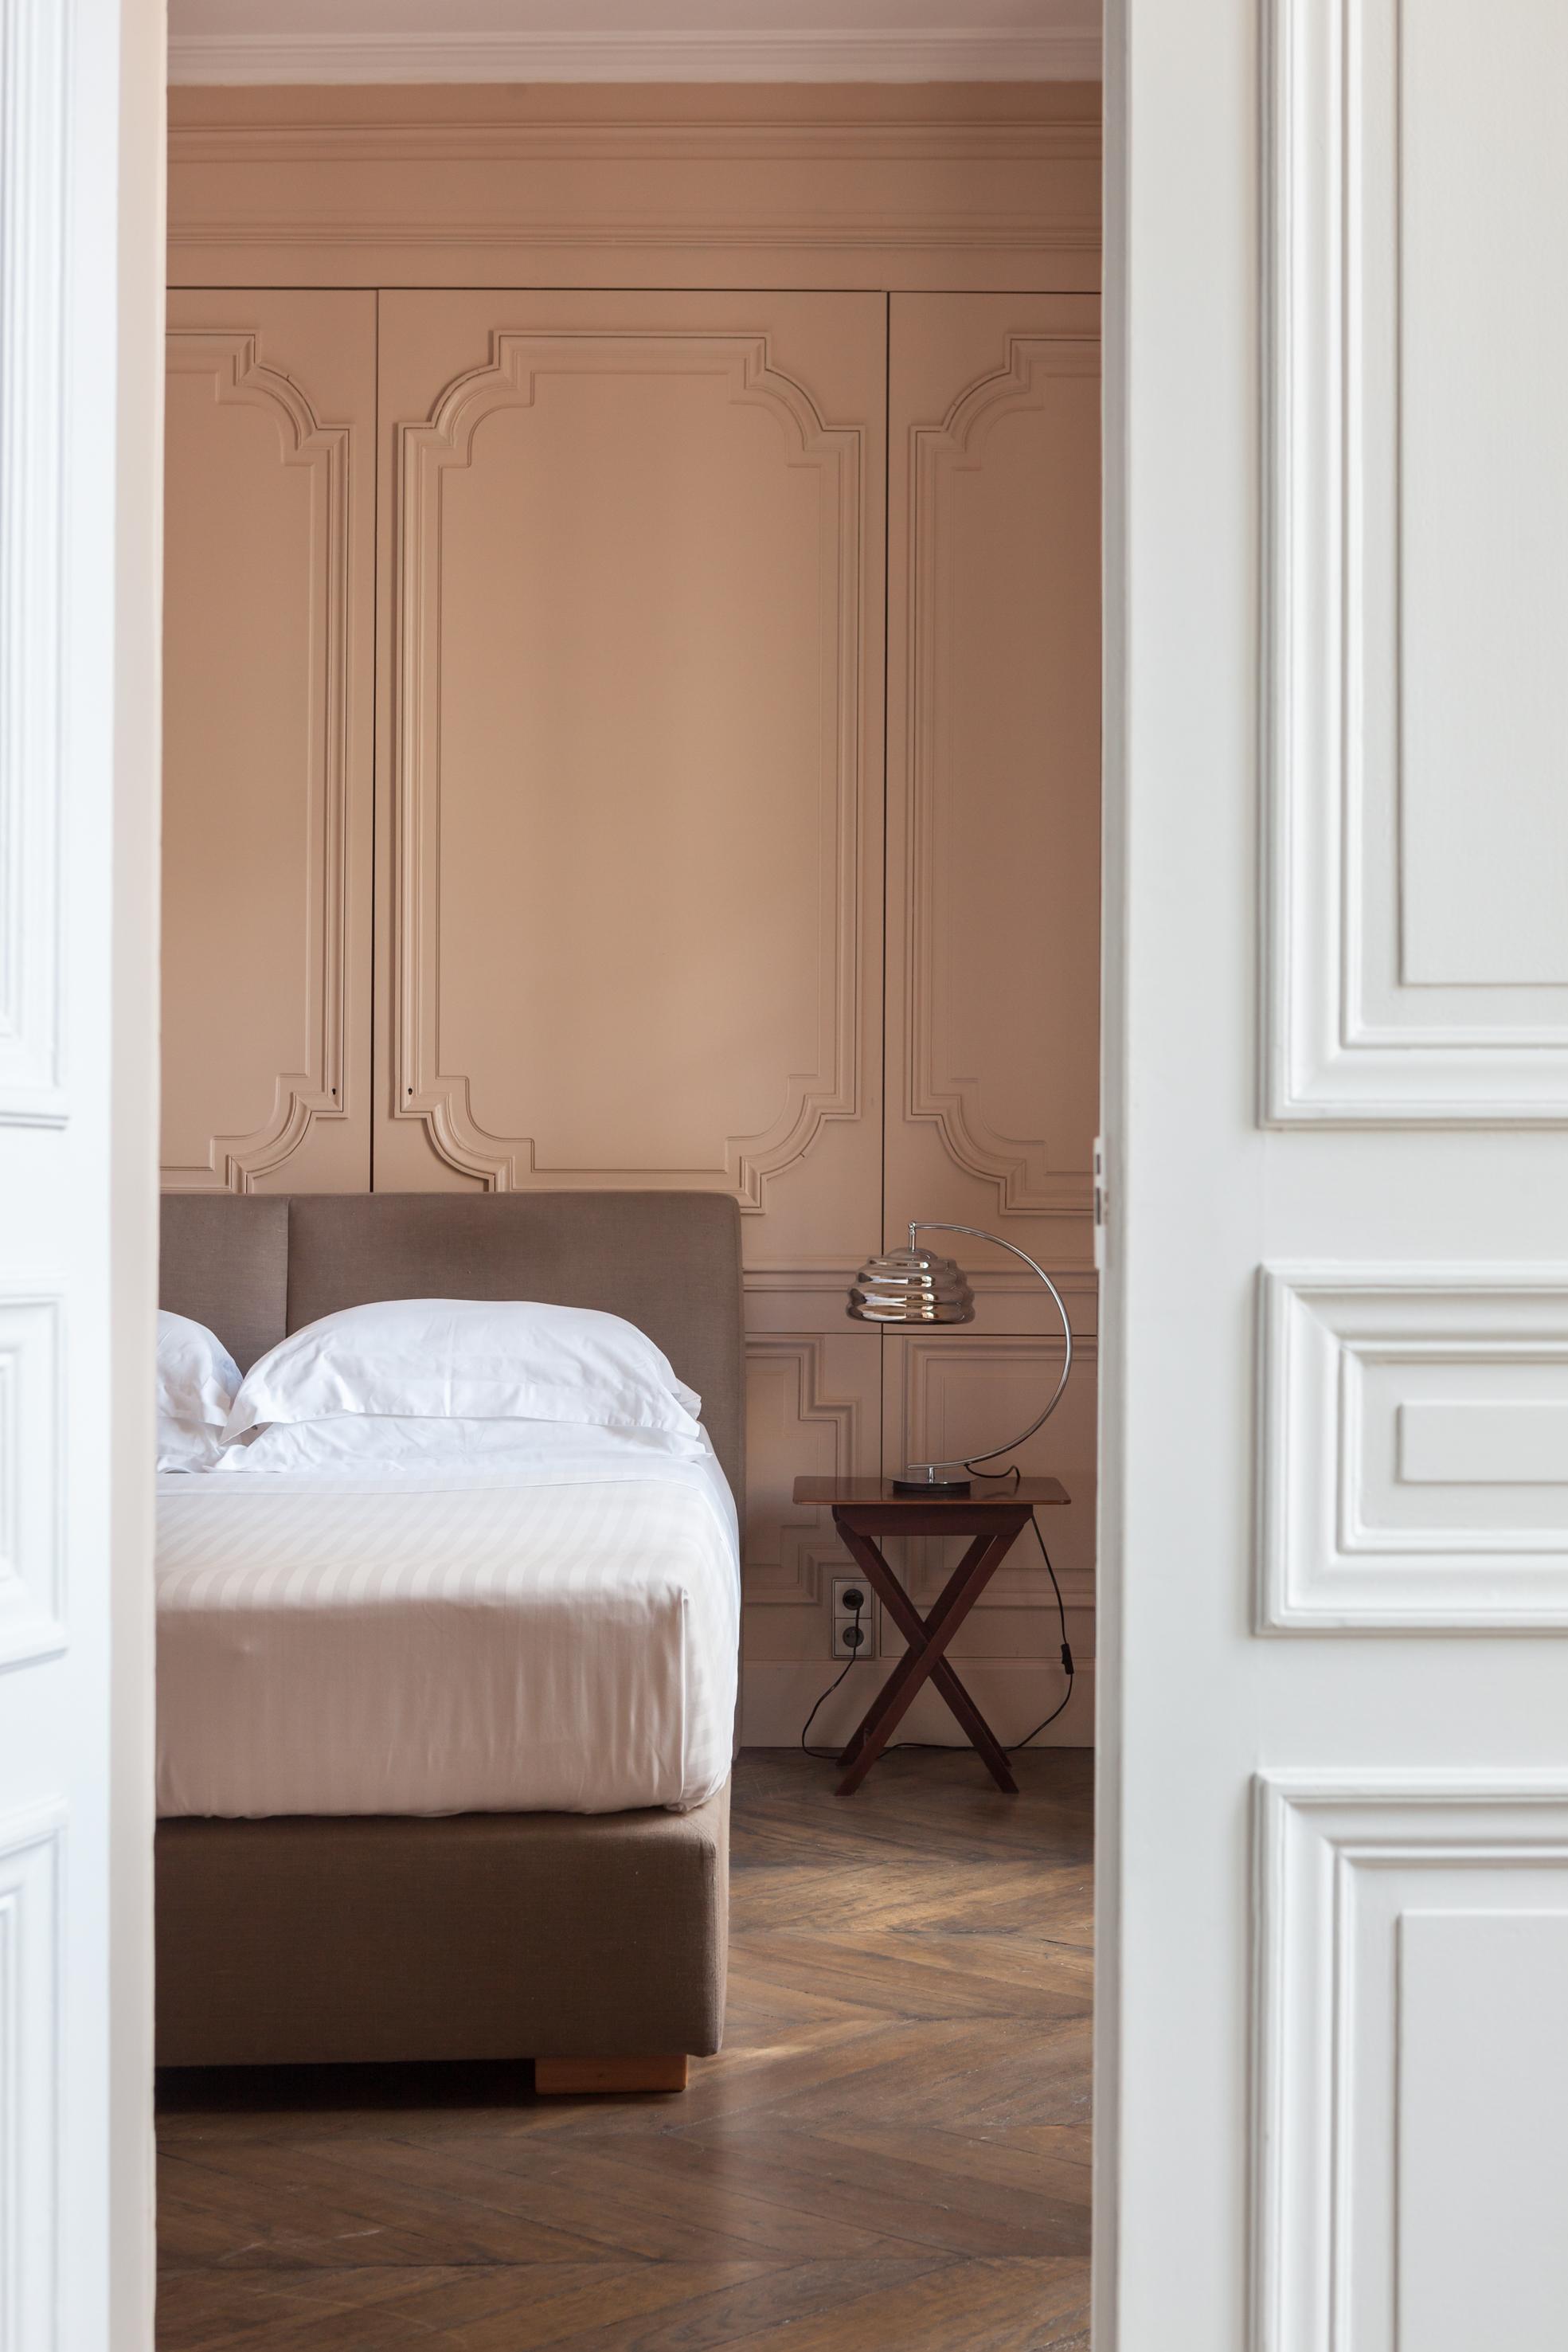 спальня кровать изголовье бежевые стены молдинги паркет белая дверь